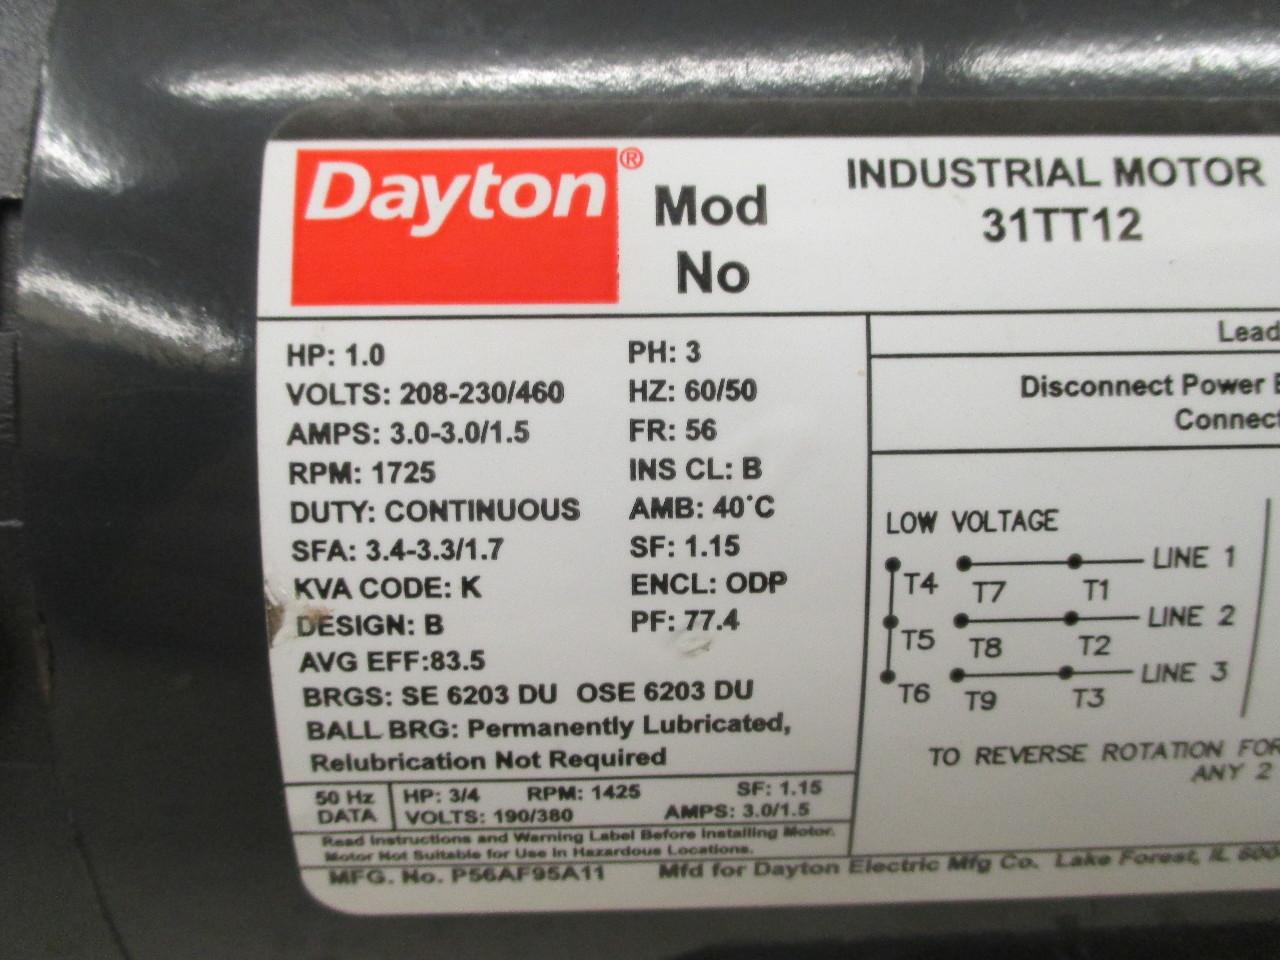 Dayton 1hp Industrial Motor 31tt12 Daves Industrial